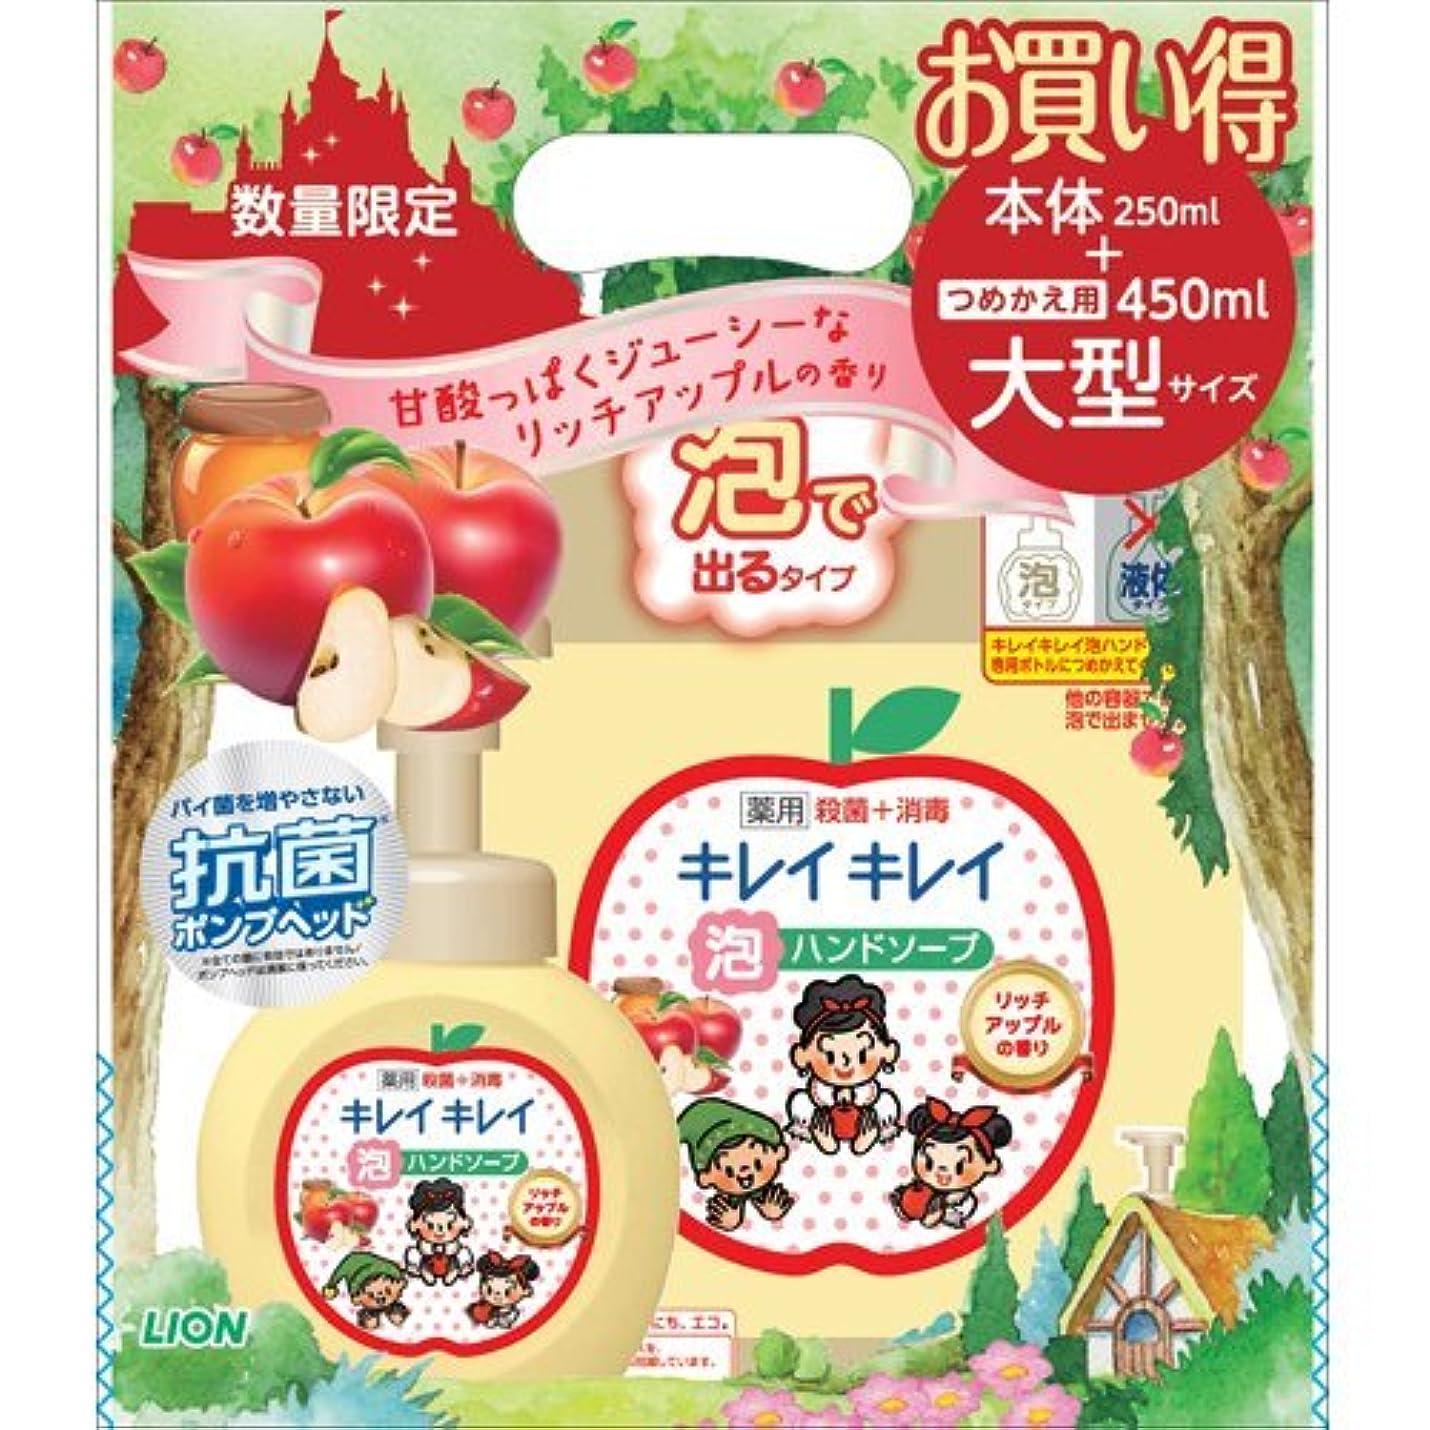 関与する反対に配当キレイキレイ 薬用泡ハンドソープ リッチアップルの香り 本体250ml+つめかえ用大型サイズ450ml